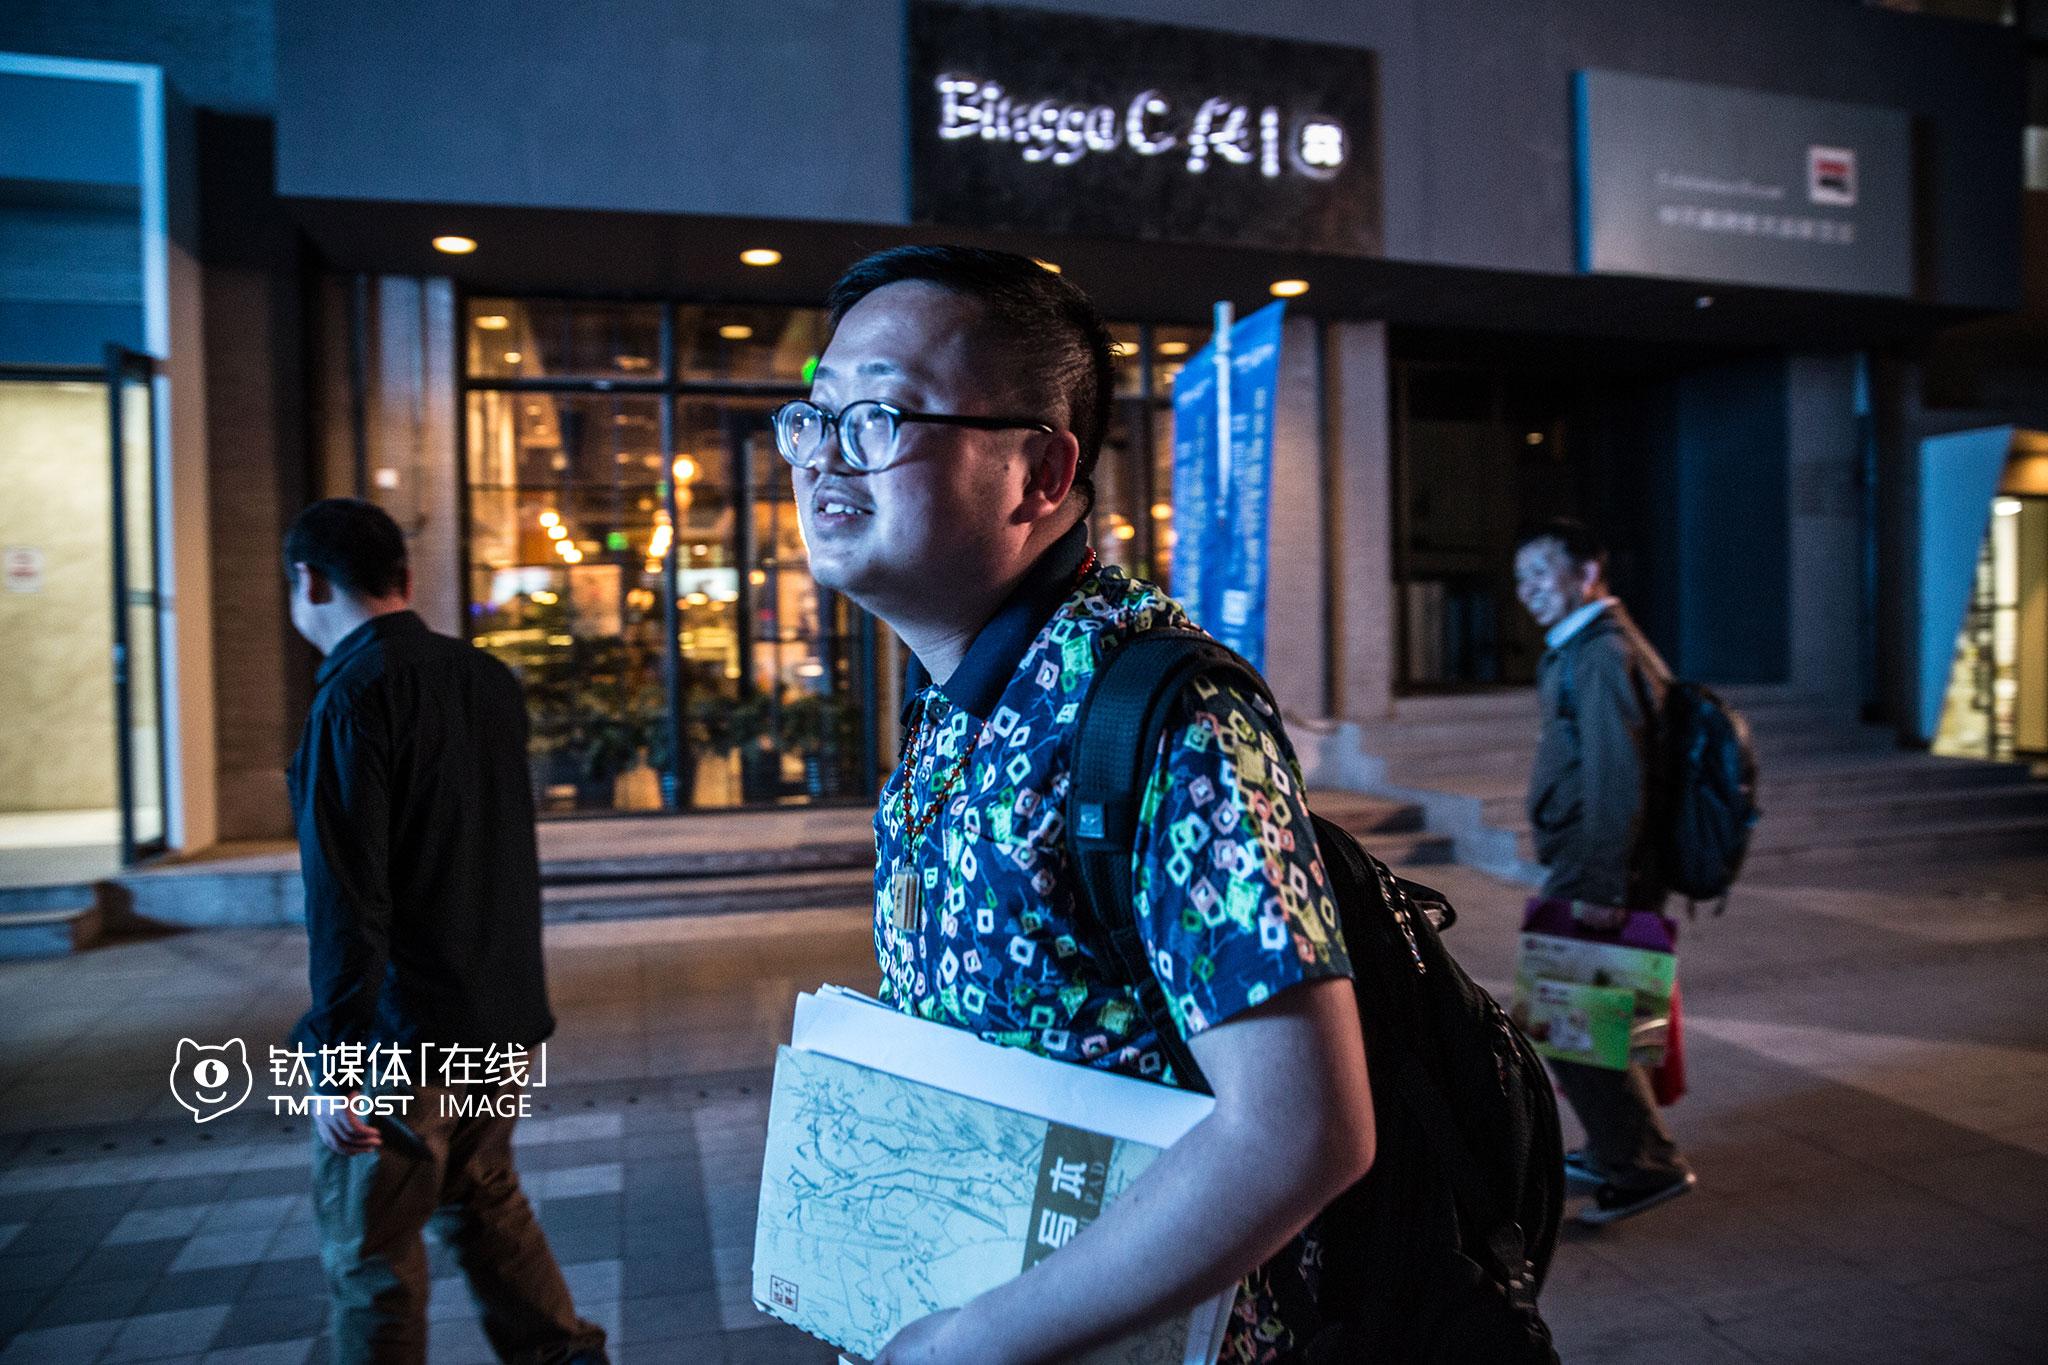 """2016年4月15日,从云南回到北京没几天,吴建辉回到创业大街。随着短视频的升温,他也迫切地想找人一起,把自己的漫画拍成真人视频,或者做成周边的产品。他觉得自己的形象和漫画中的""""小红孩""""很相似,""""我想由我自己来演,小红孩在真人视频中是个财神,我觉得我长得就像财神""""。"""